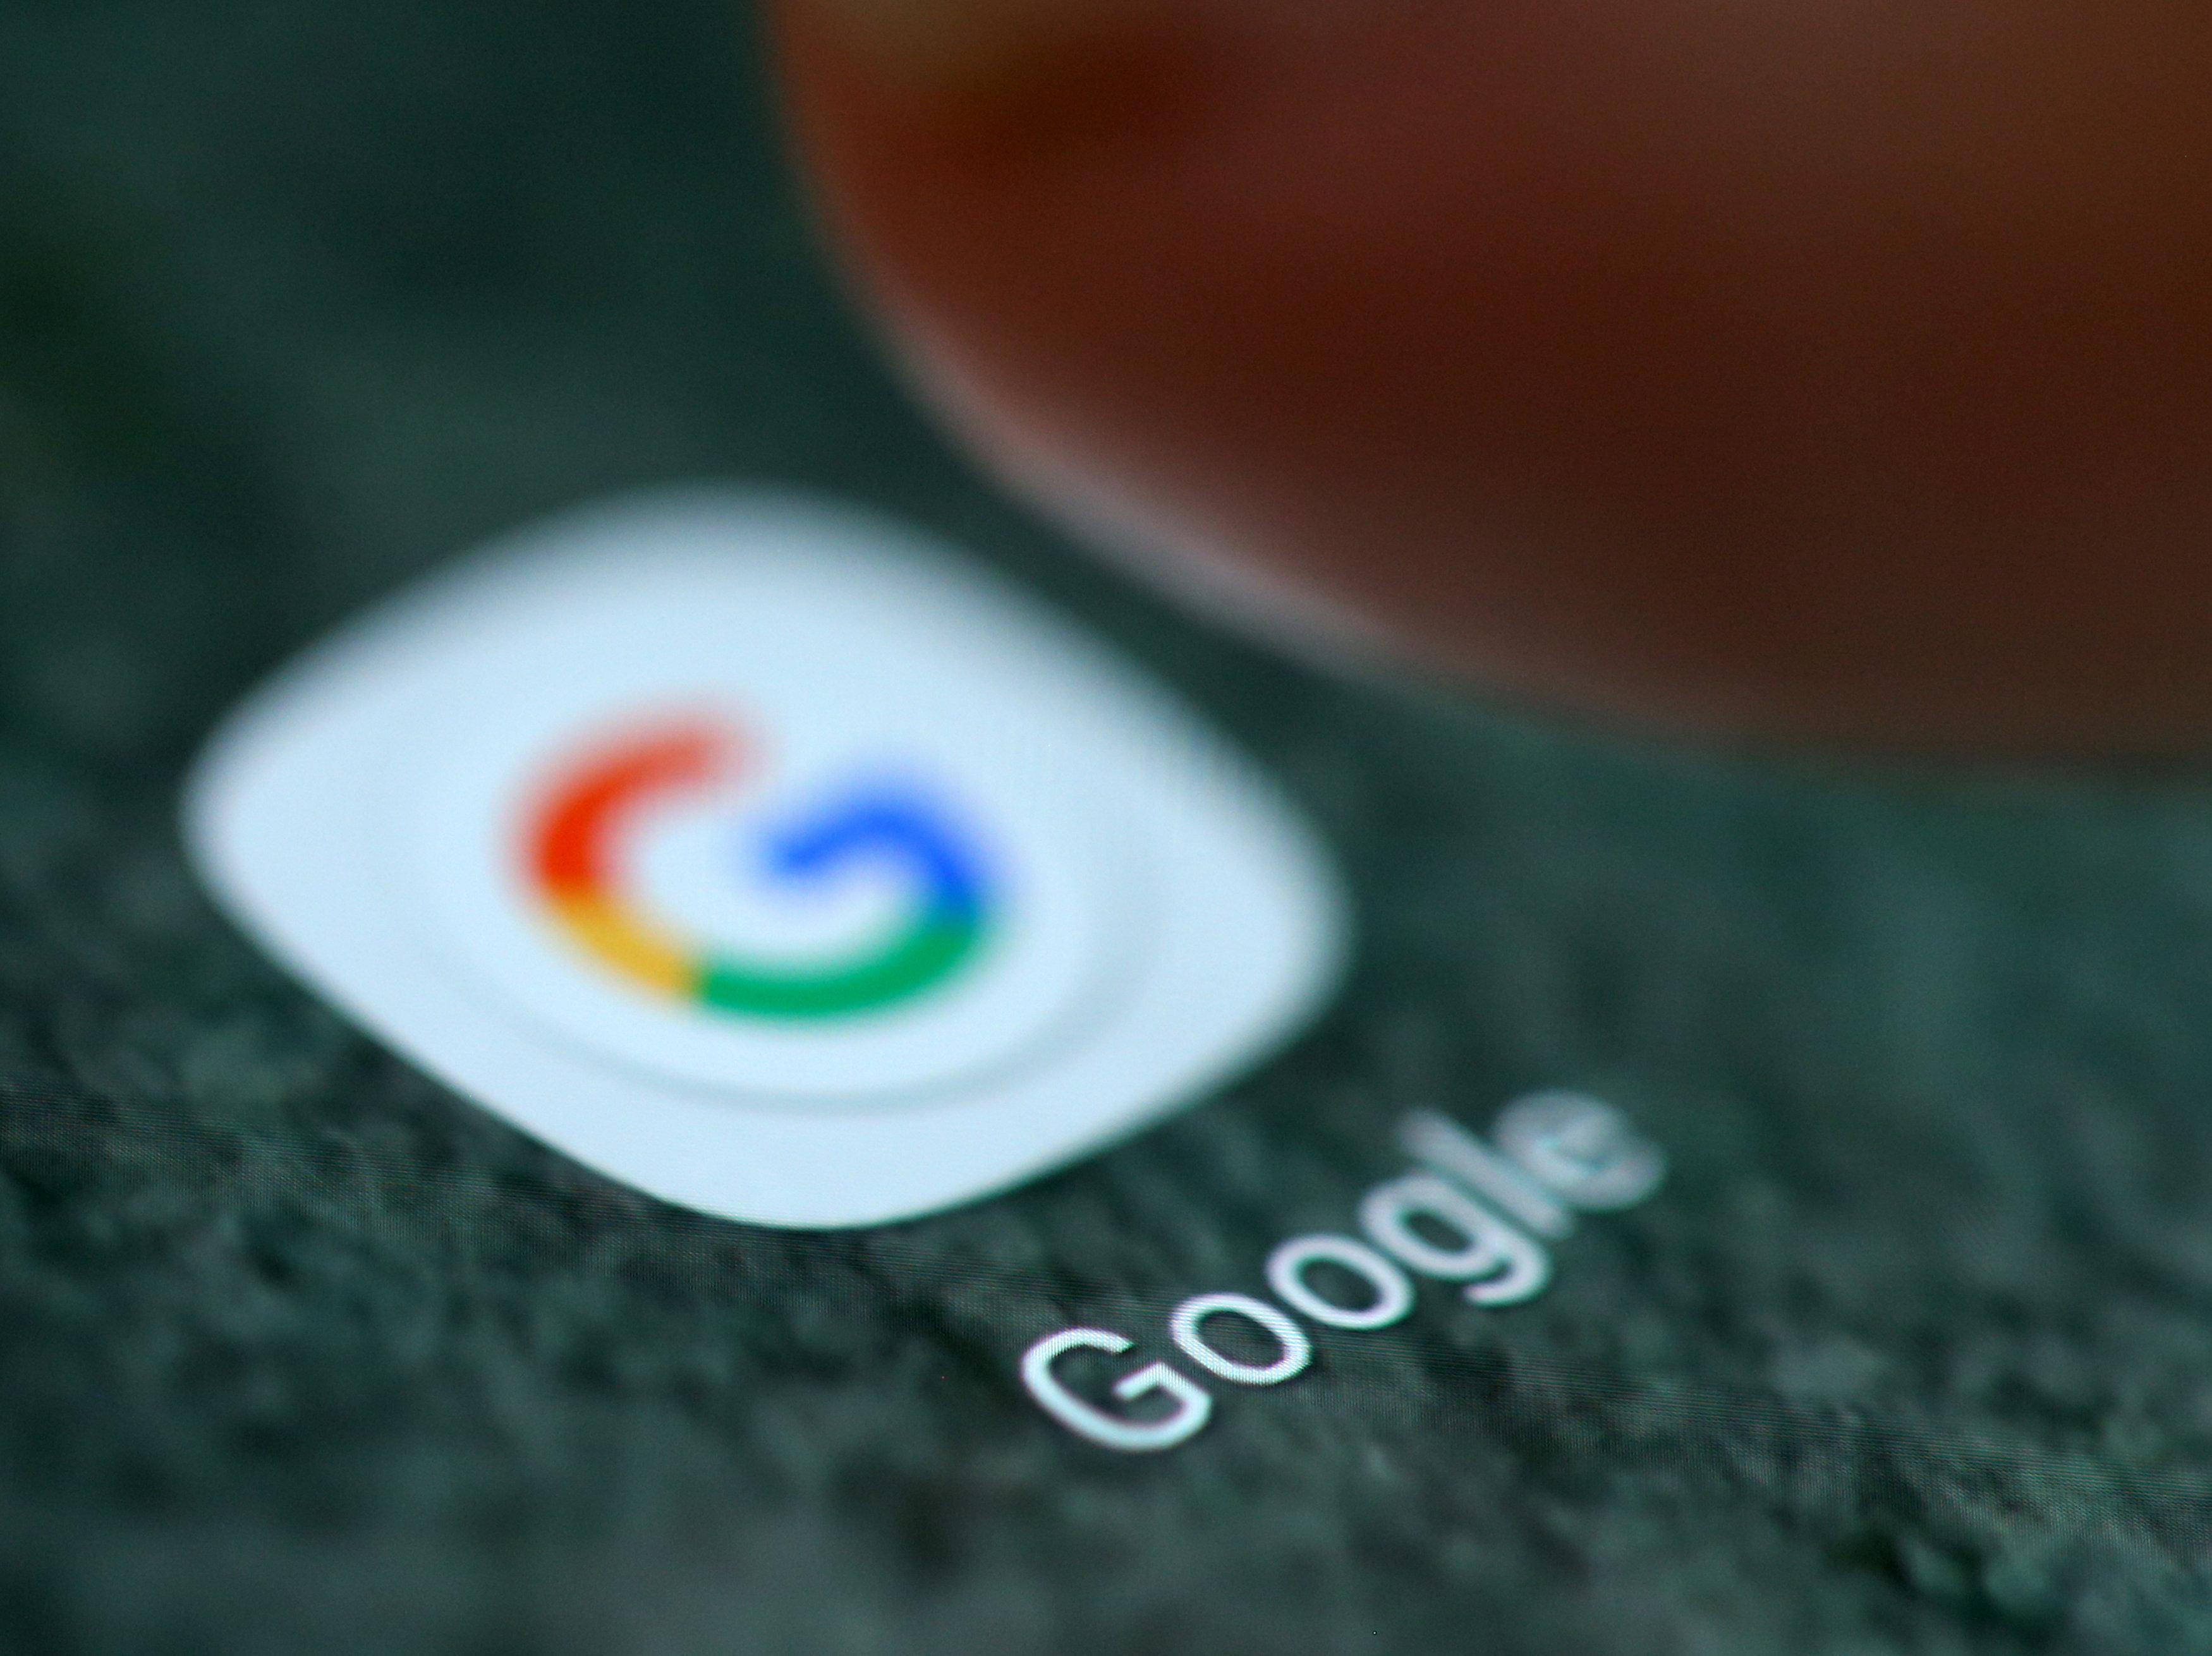 无惧创纪录罚款影响 谷歌母公司盈利大超预期 盘后股价一度涨超5%